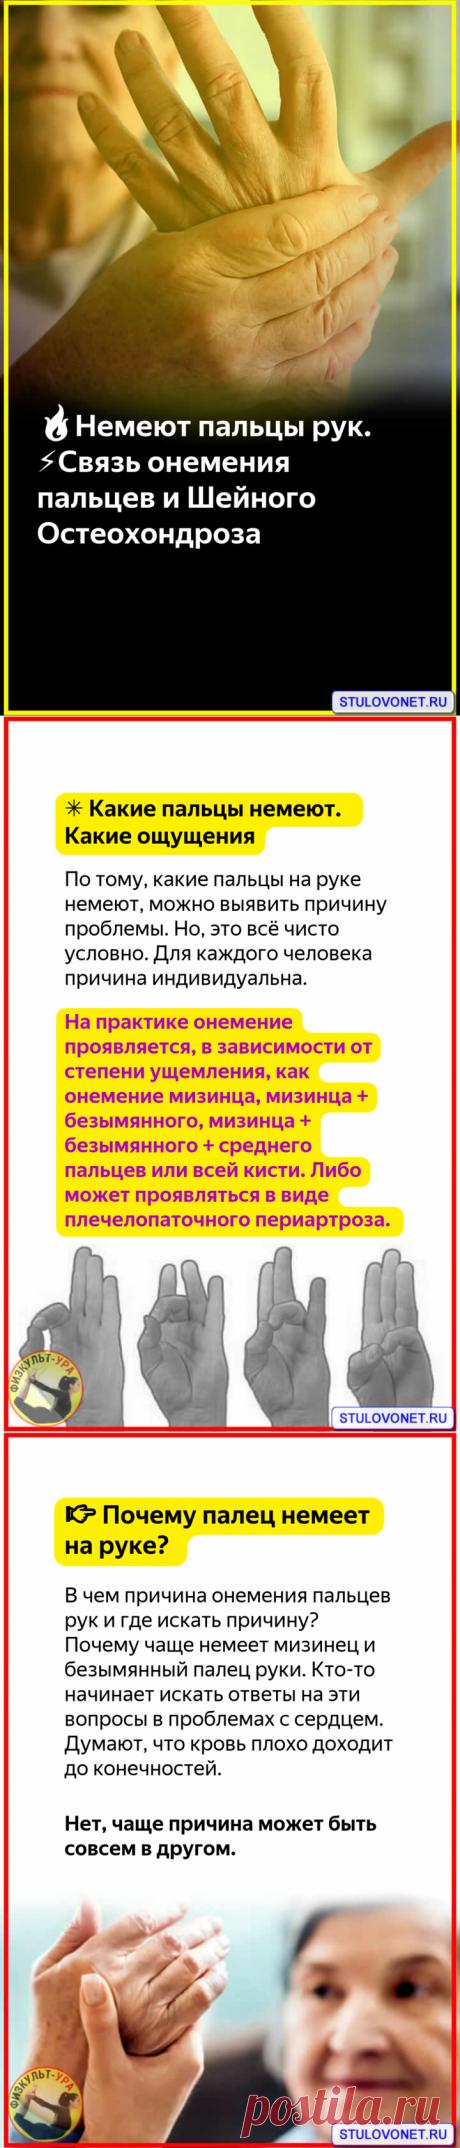 🔥Немеют пальцы рук. ⚡️Связь онемения пальцев и Шейного Остеохондроза | Физкульт-Ура | Яндекс Дзен